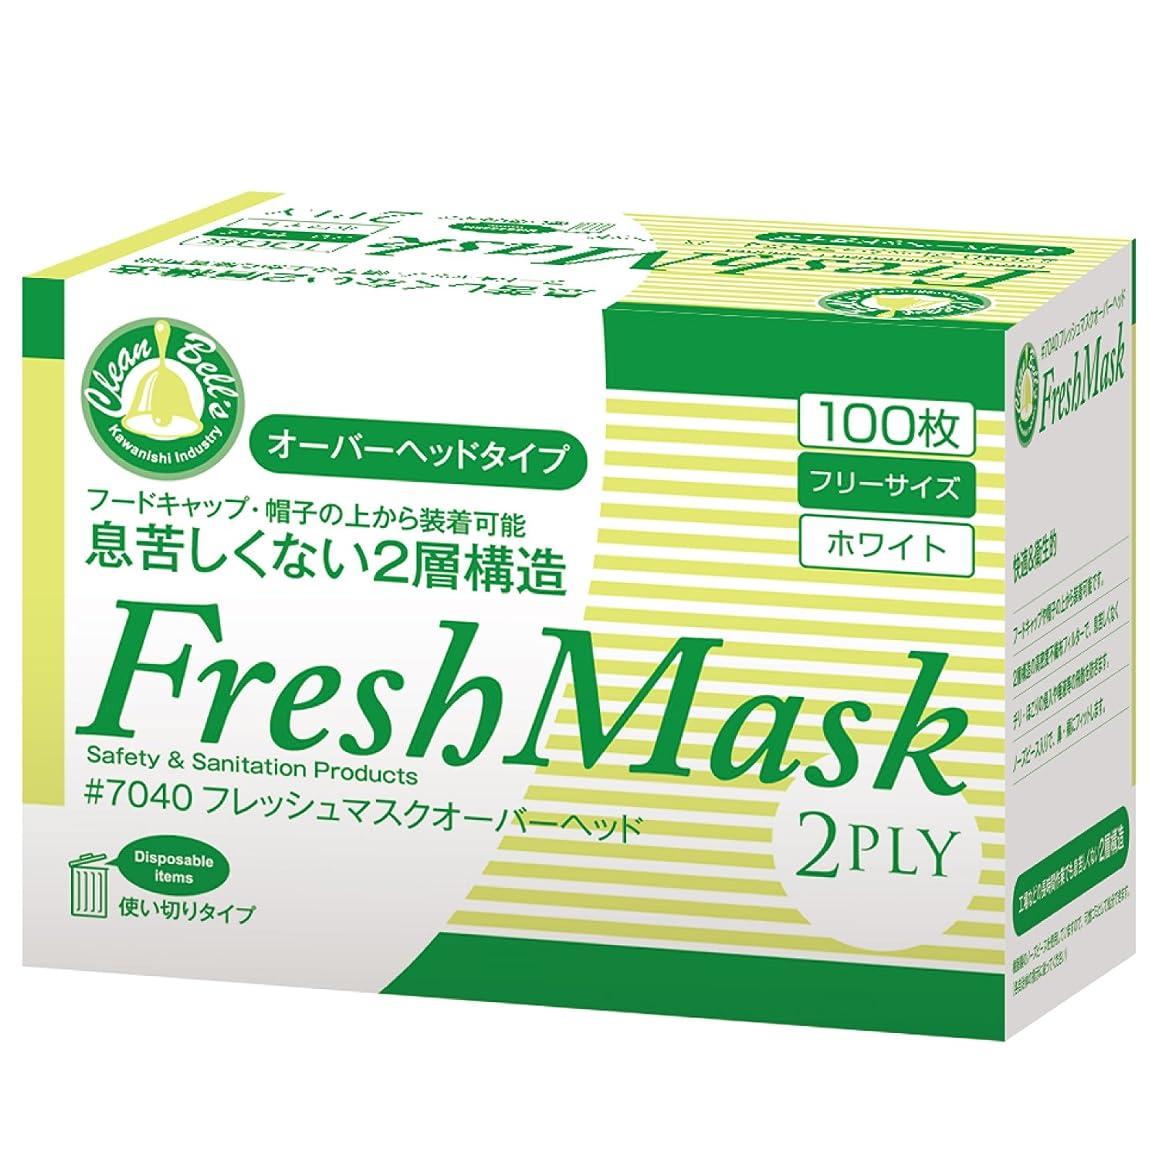 川西工業 クリーンベルズ フレッシュマスク 2PLYオーバーヘッド100枚入 ホワイト フリー 【2層式】 #7040